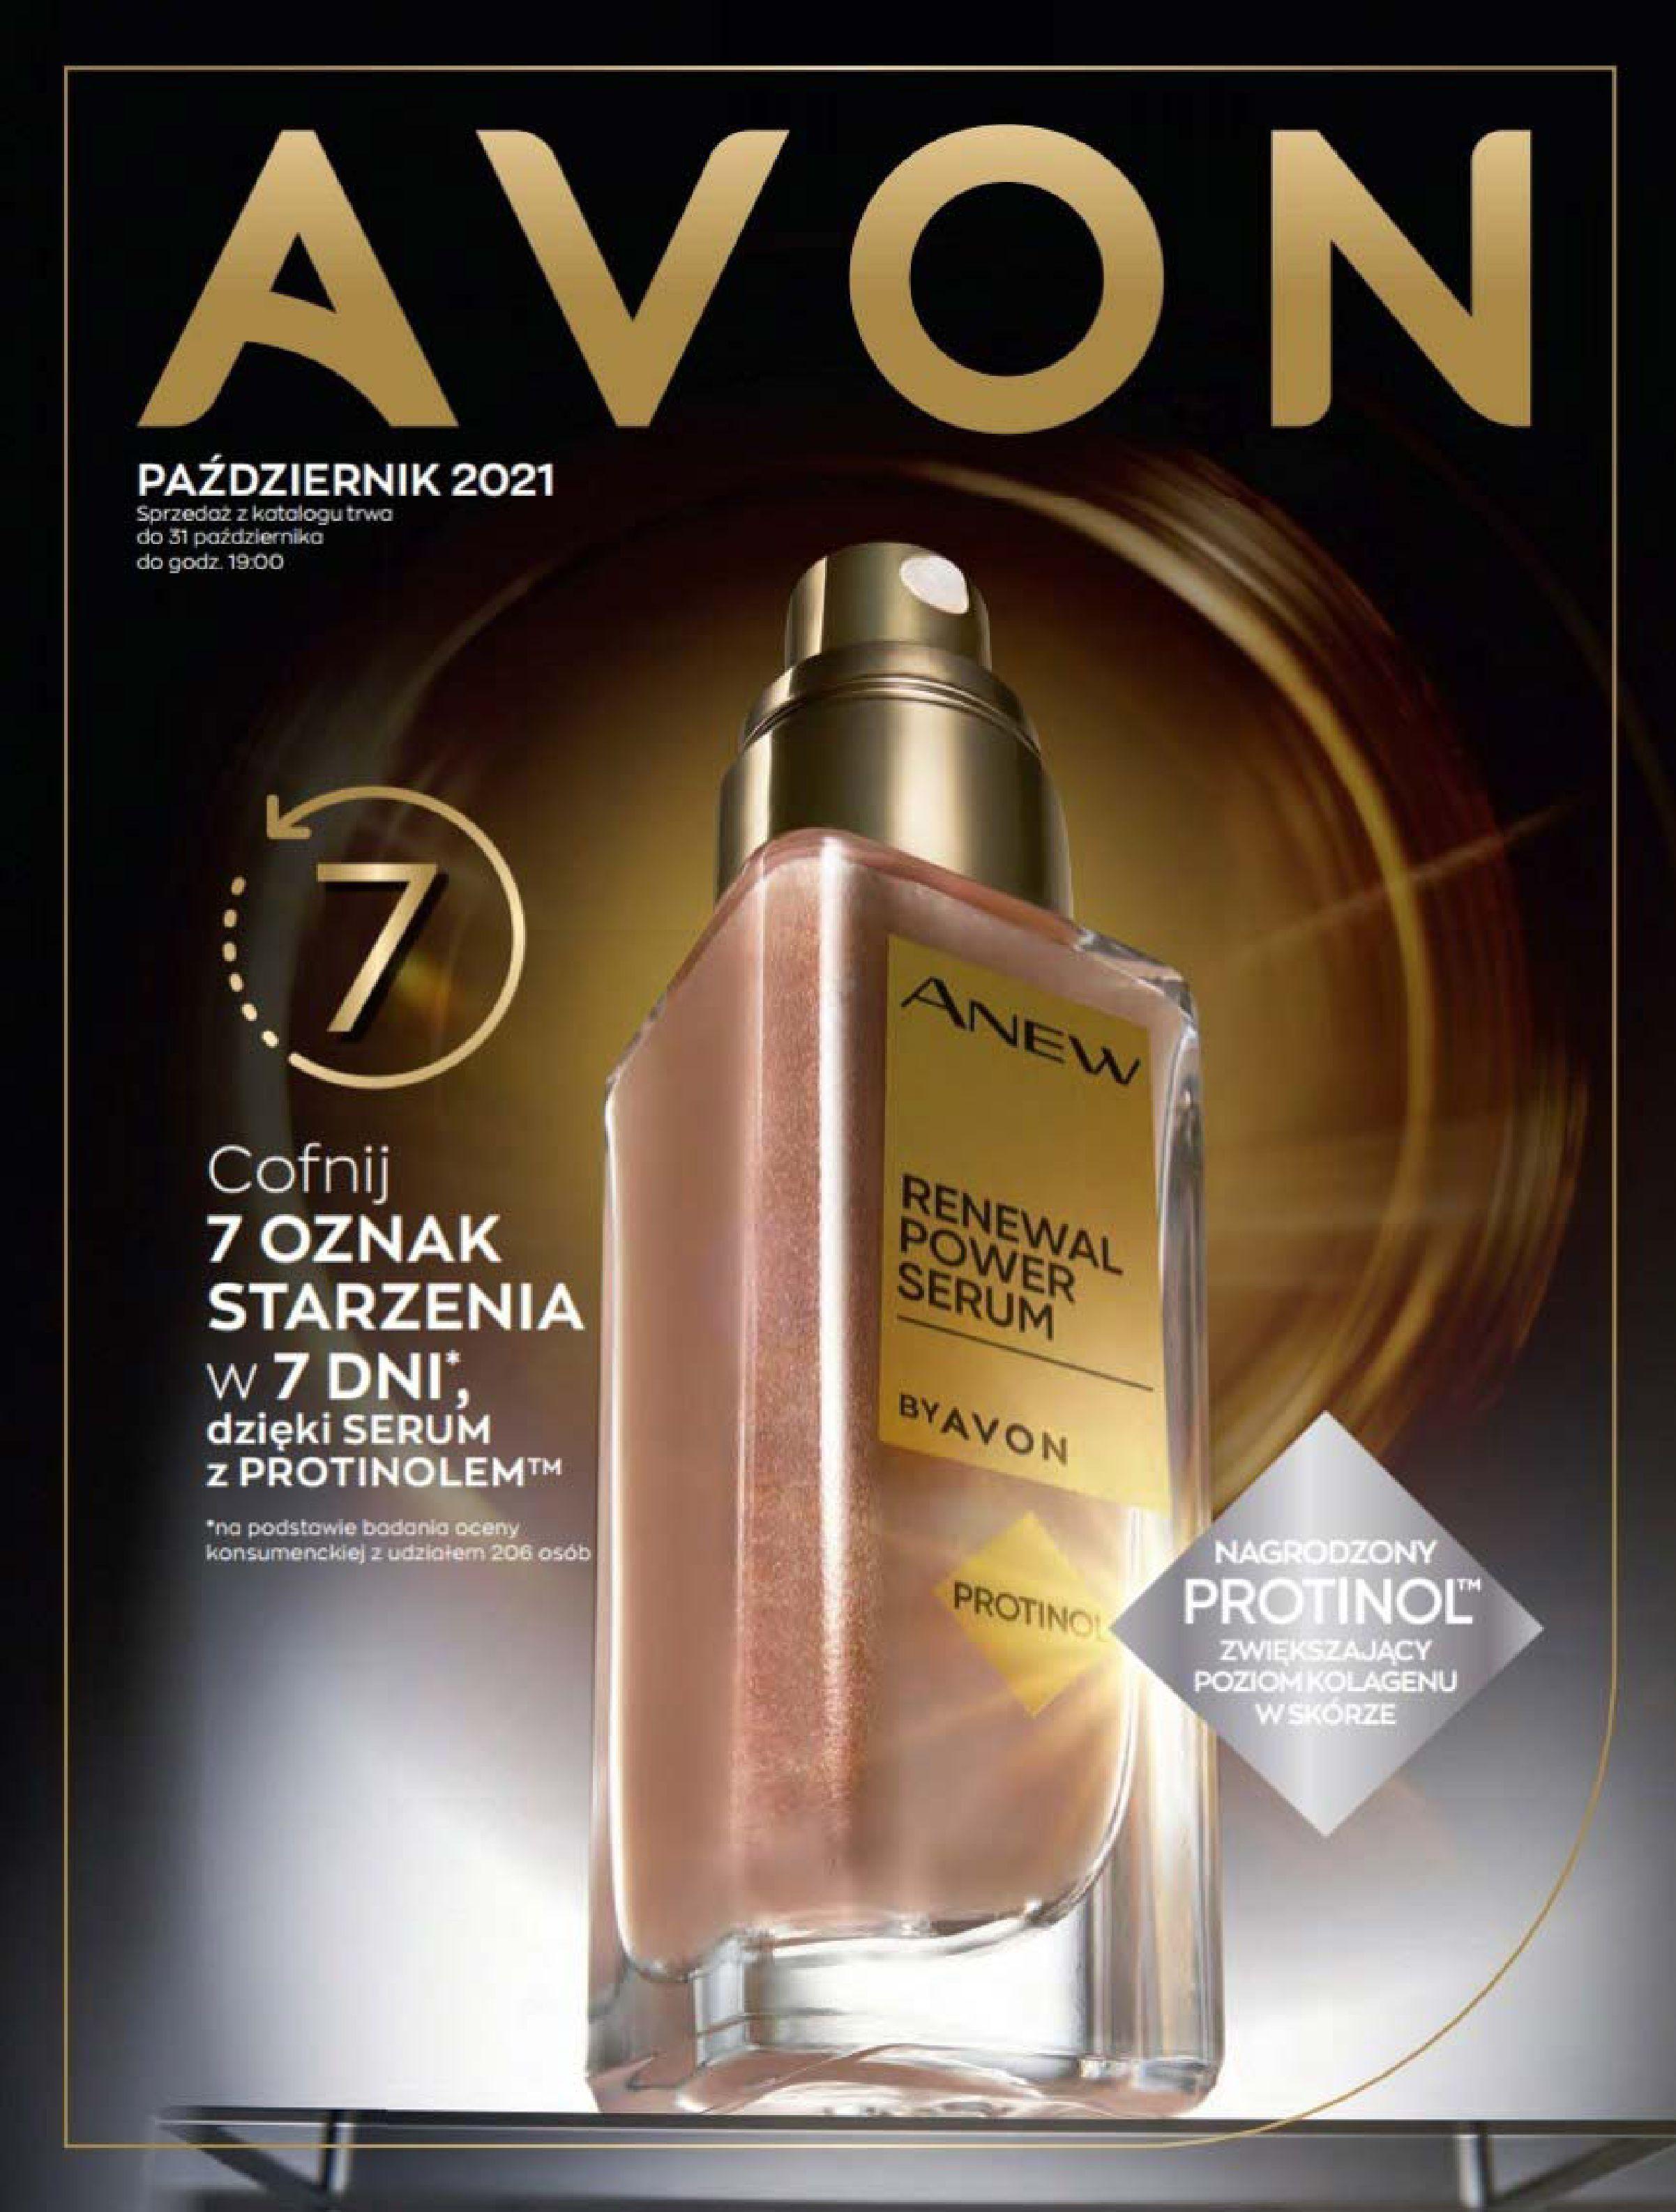 Gazetka Avon: Katalog Avon - Wrzesień/Październik 2021-08-17 page-1